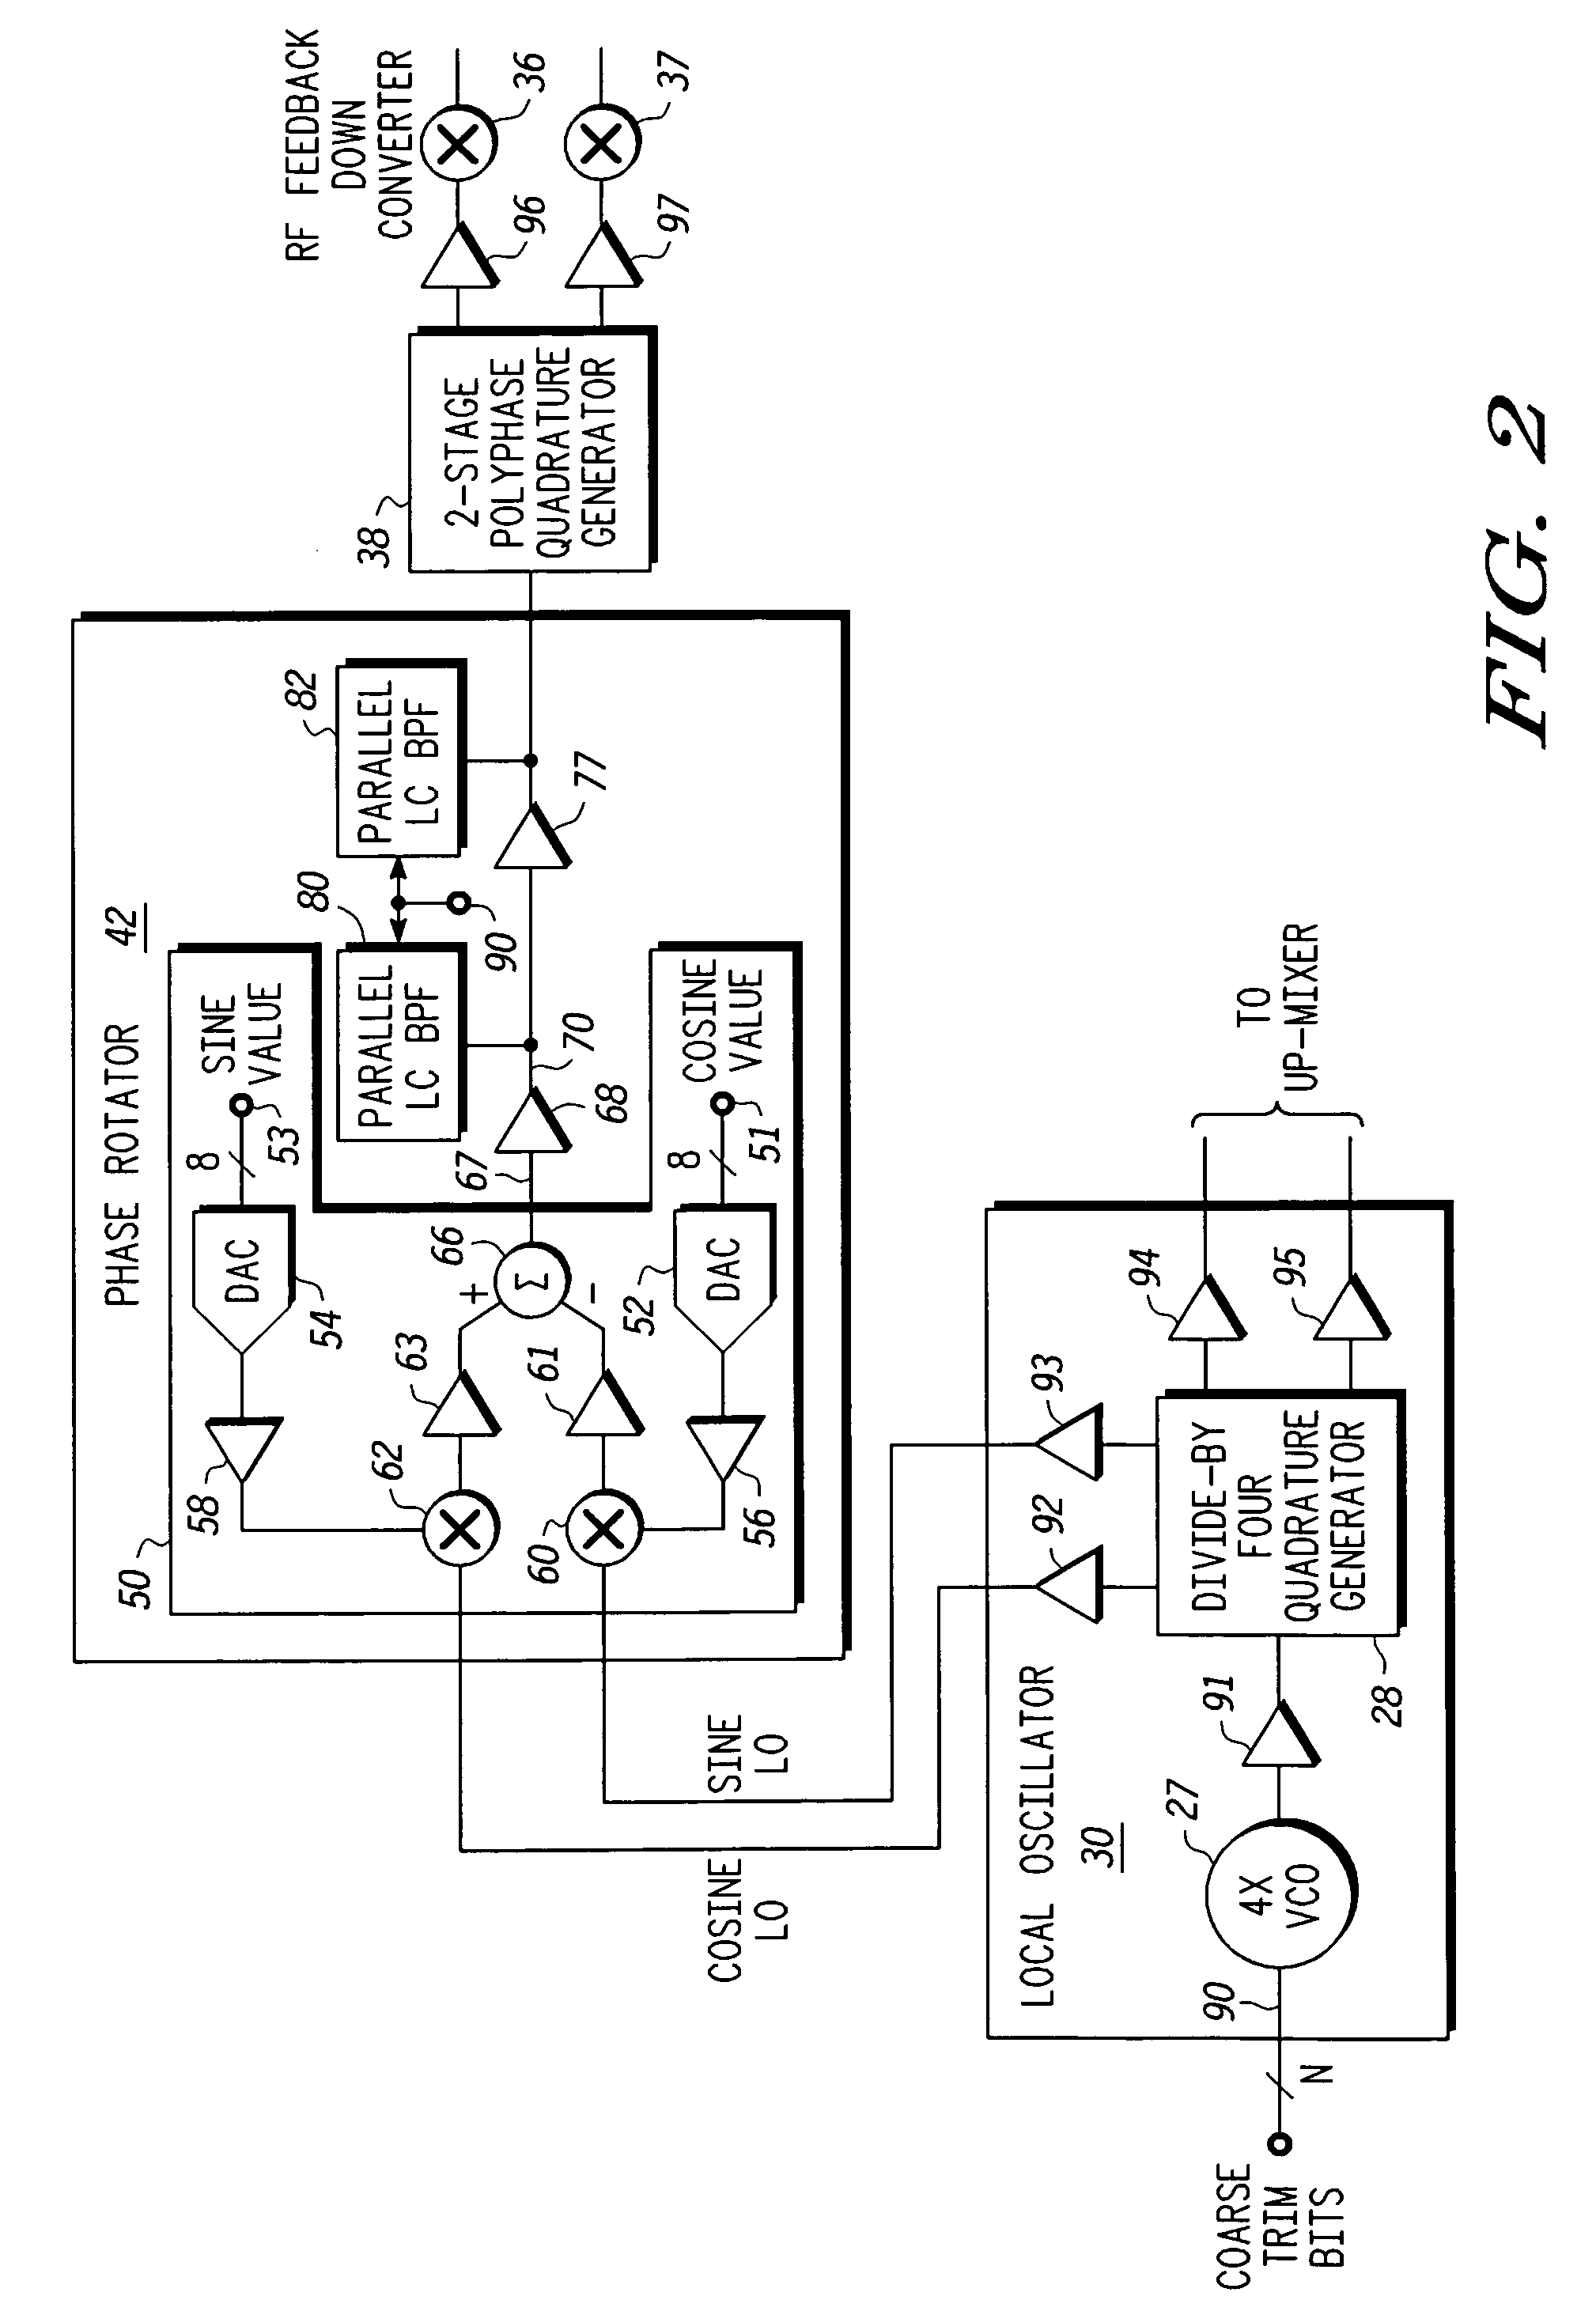 patent us7421252